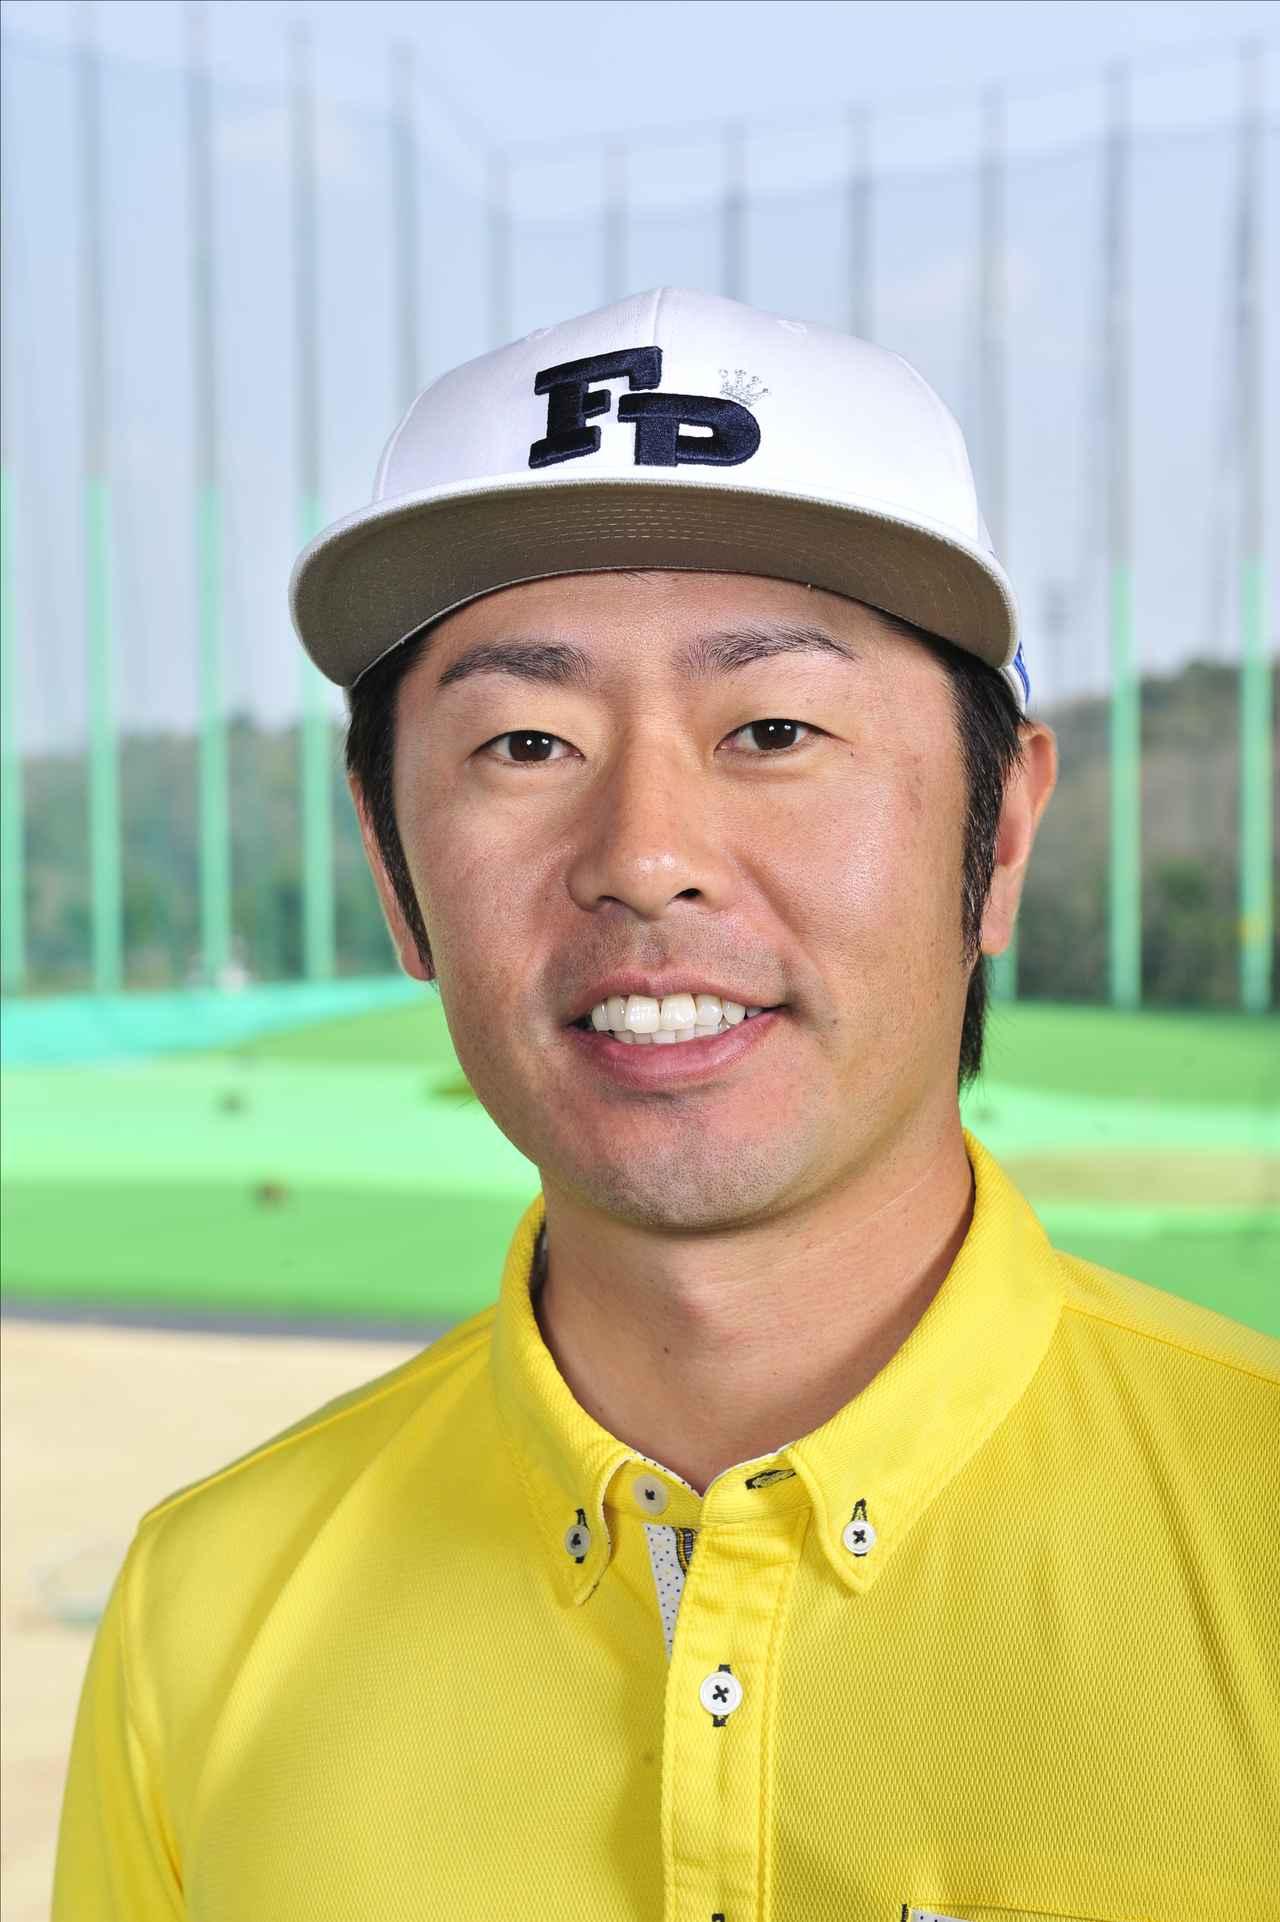 画像: 石井忍プロ 98年にプロ転向後、薗田峻輔などプロのコーチを務めながらアマチュアのレッスンも行っている